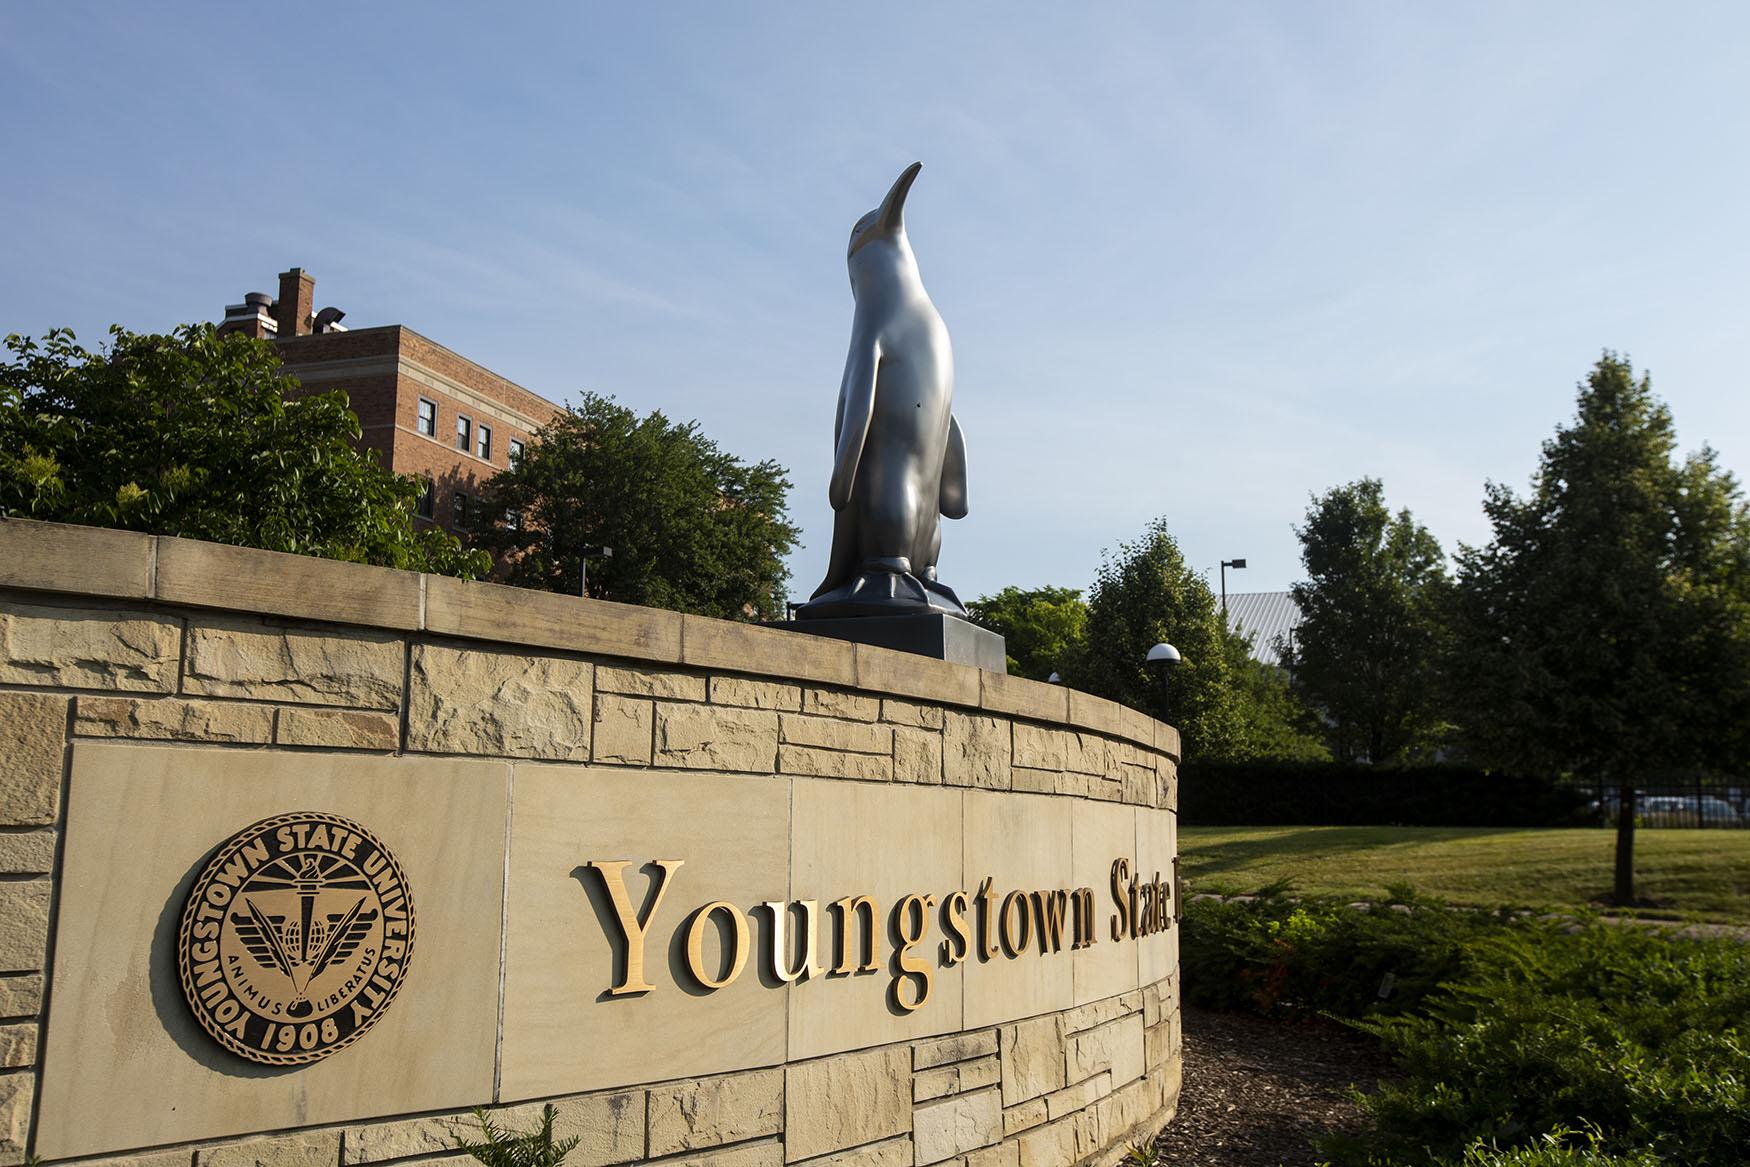 Youngstown State University - Du học Mỹ tại Hải Phòng 2020